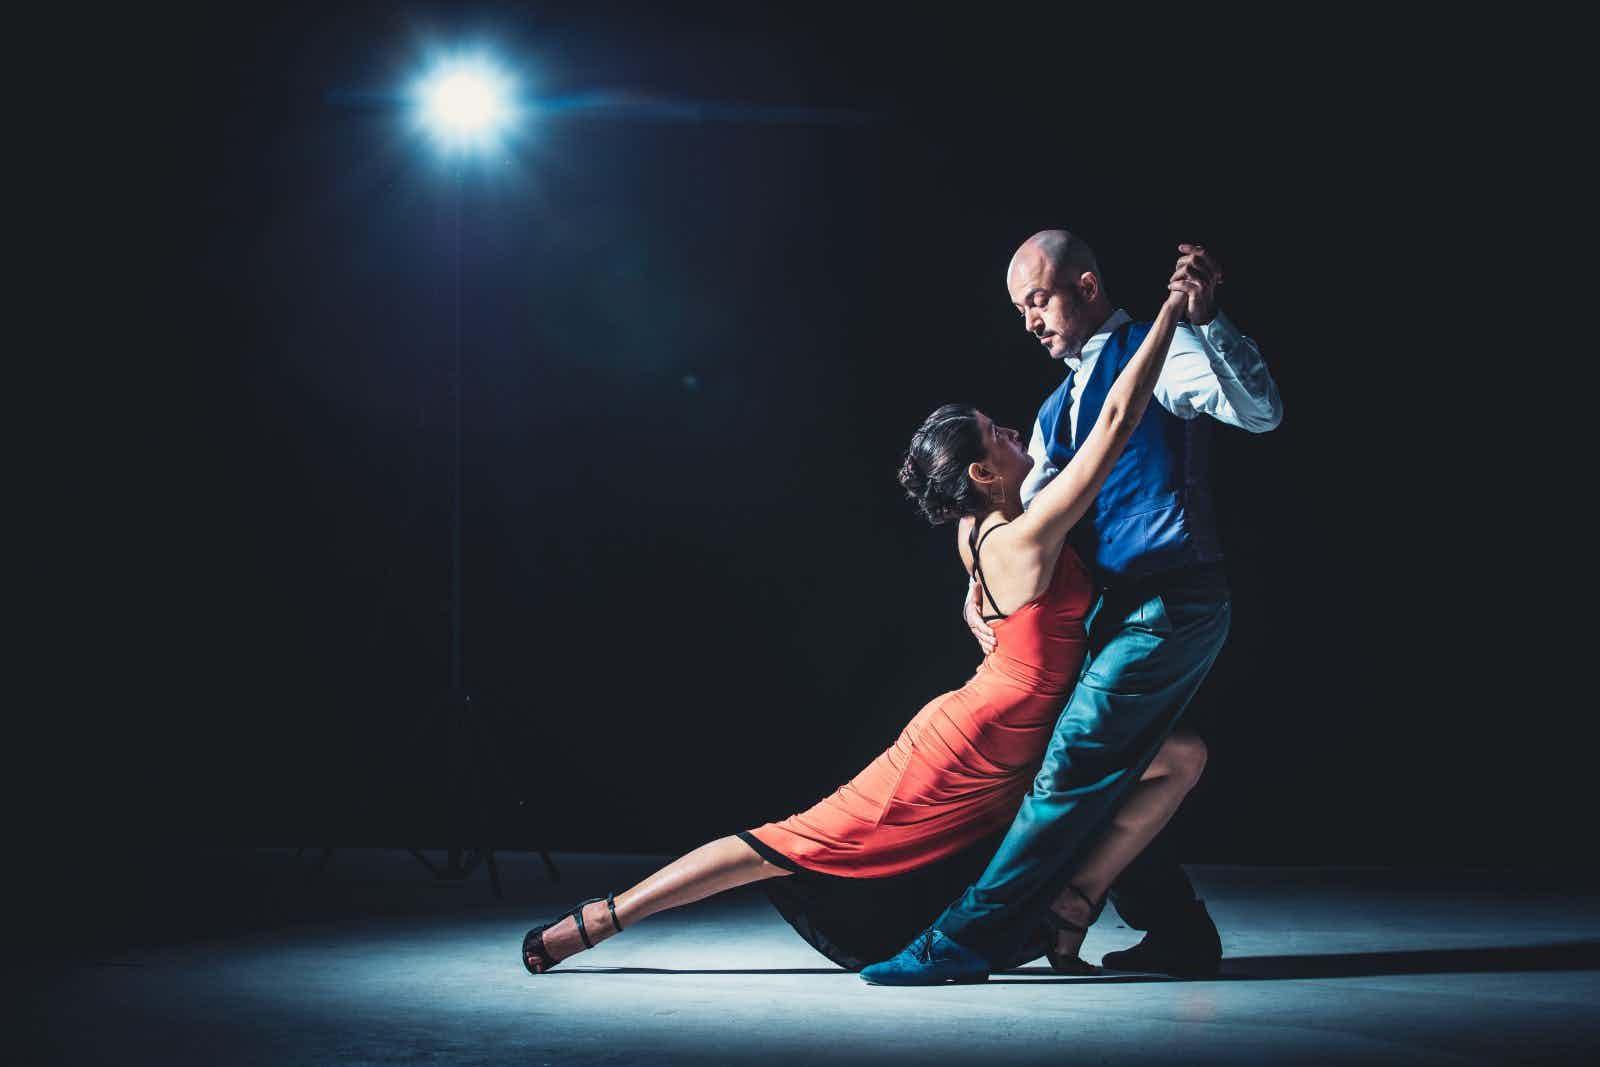 dance-dancers-dancing-2188012